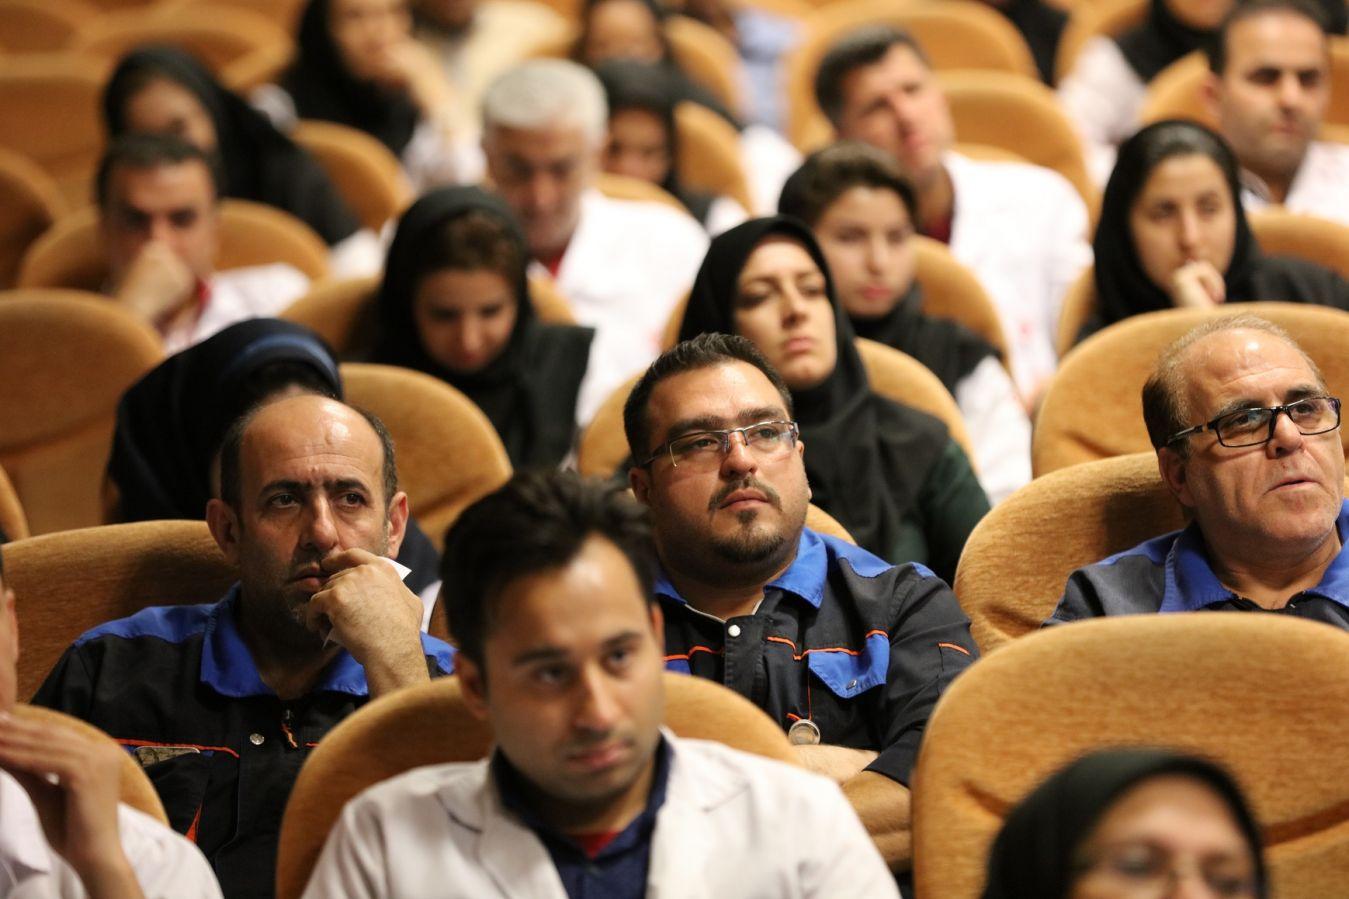 برگزاری نوبت دوم کلاس ارتقای سلامت برای کارکنان مرکز در راستای اعتباربخشی